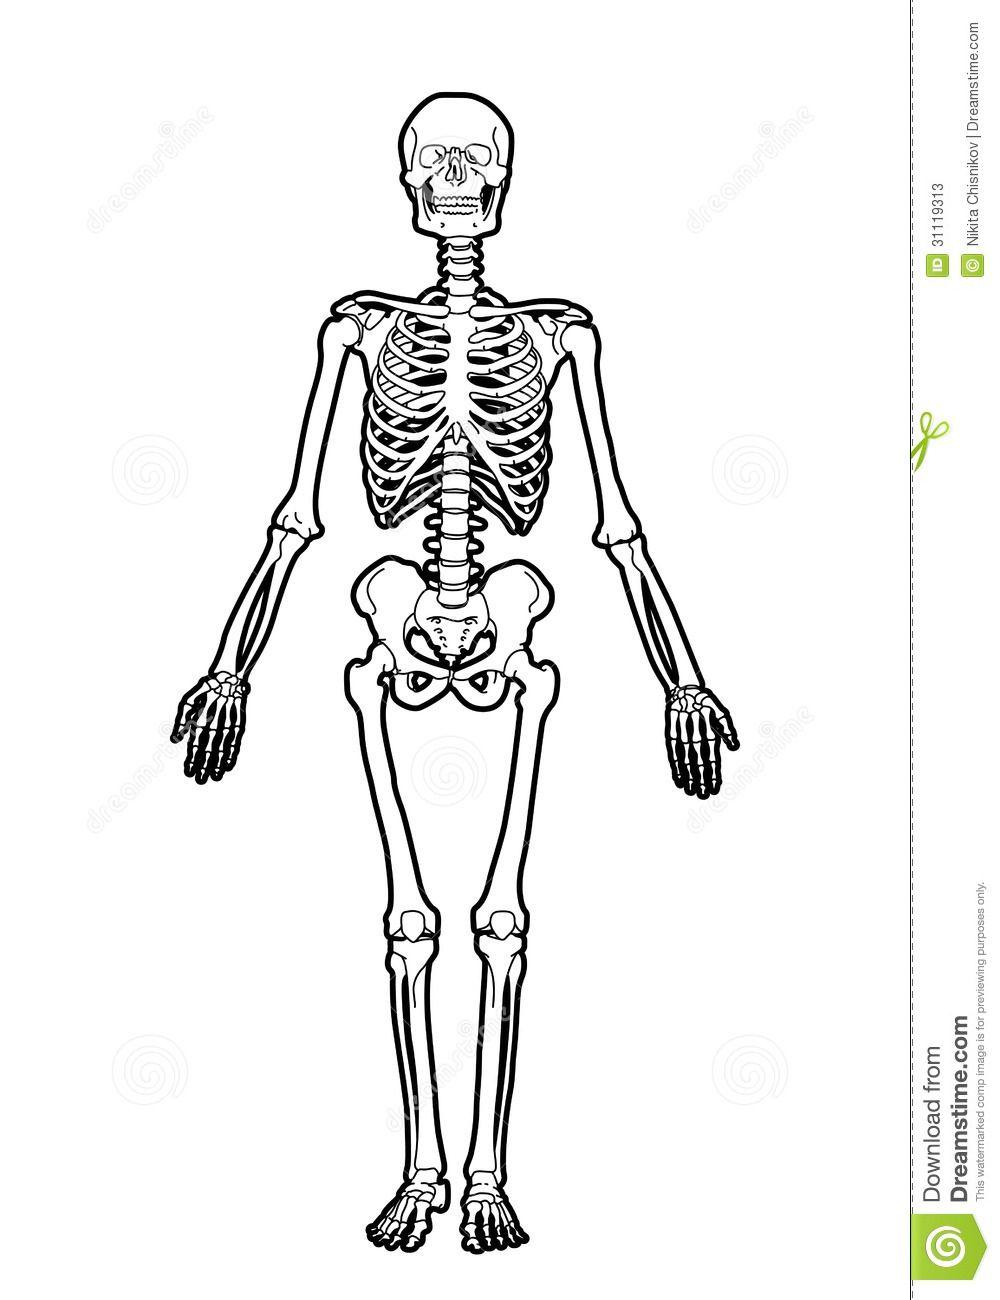 esqueleto-humano-31119313.jpg (1000×1300) | Esqueleto Humano ...